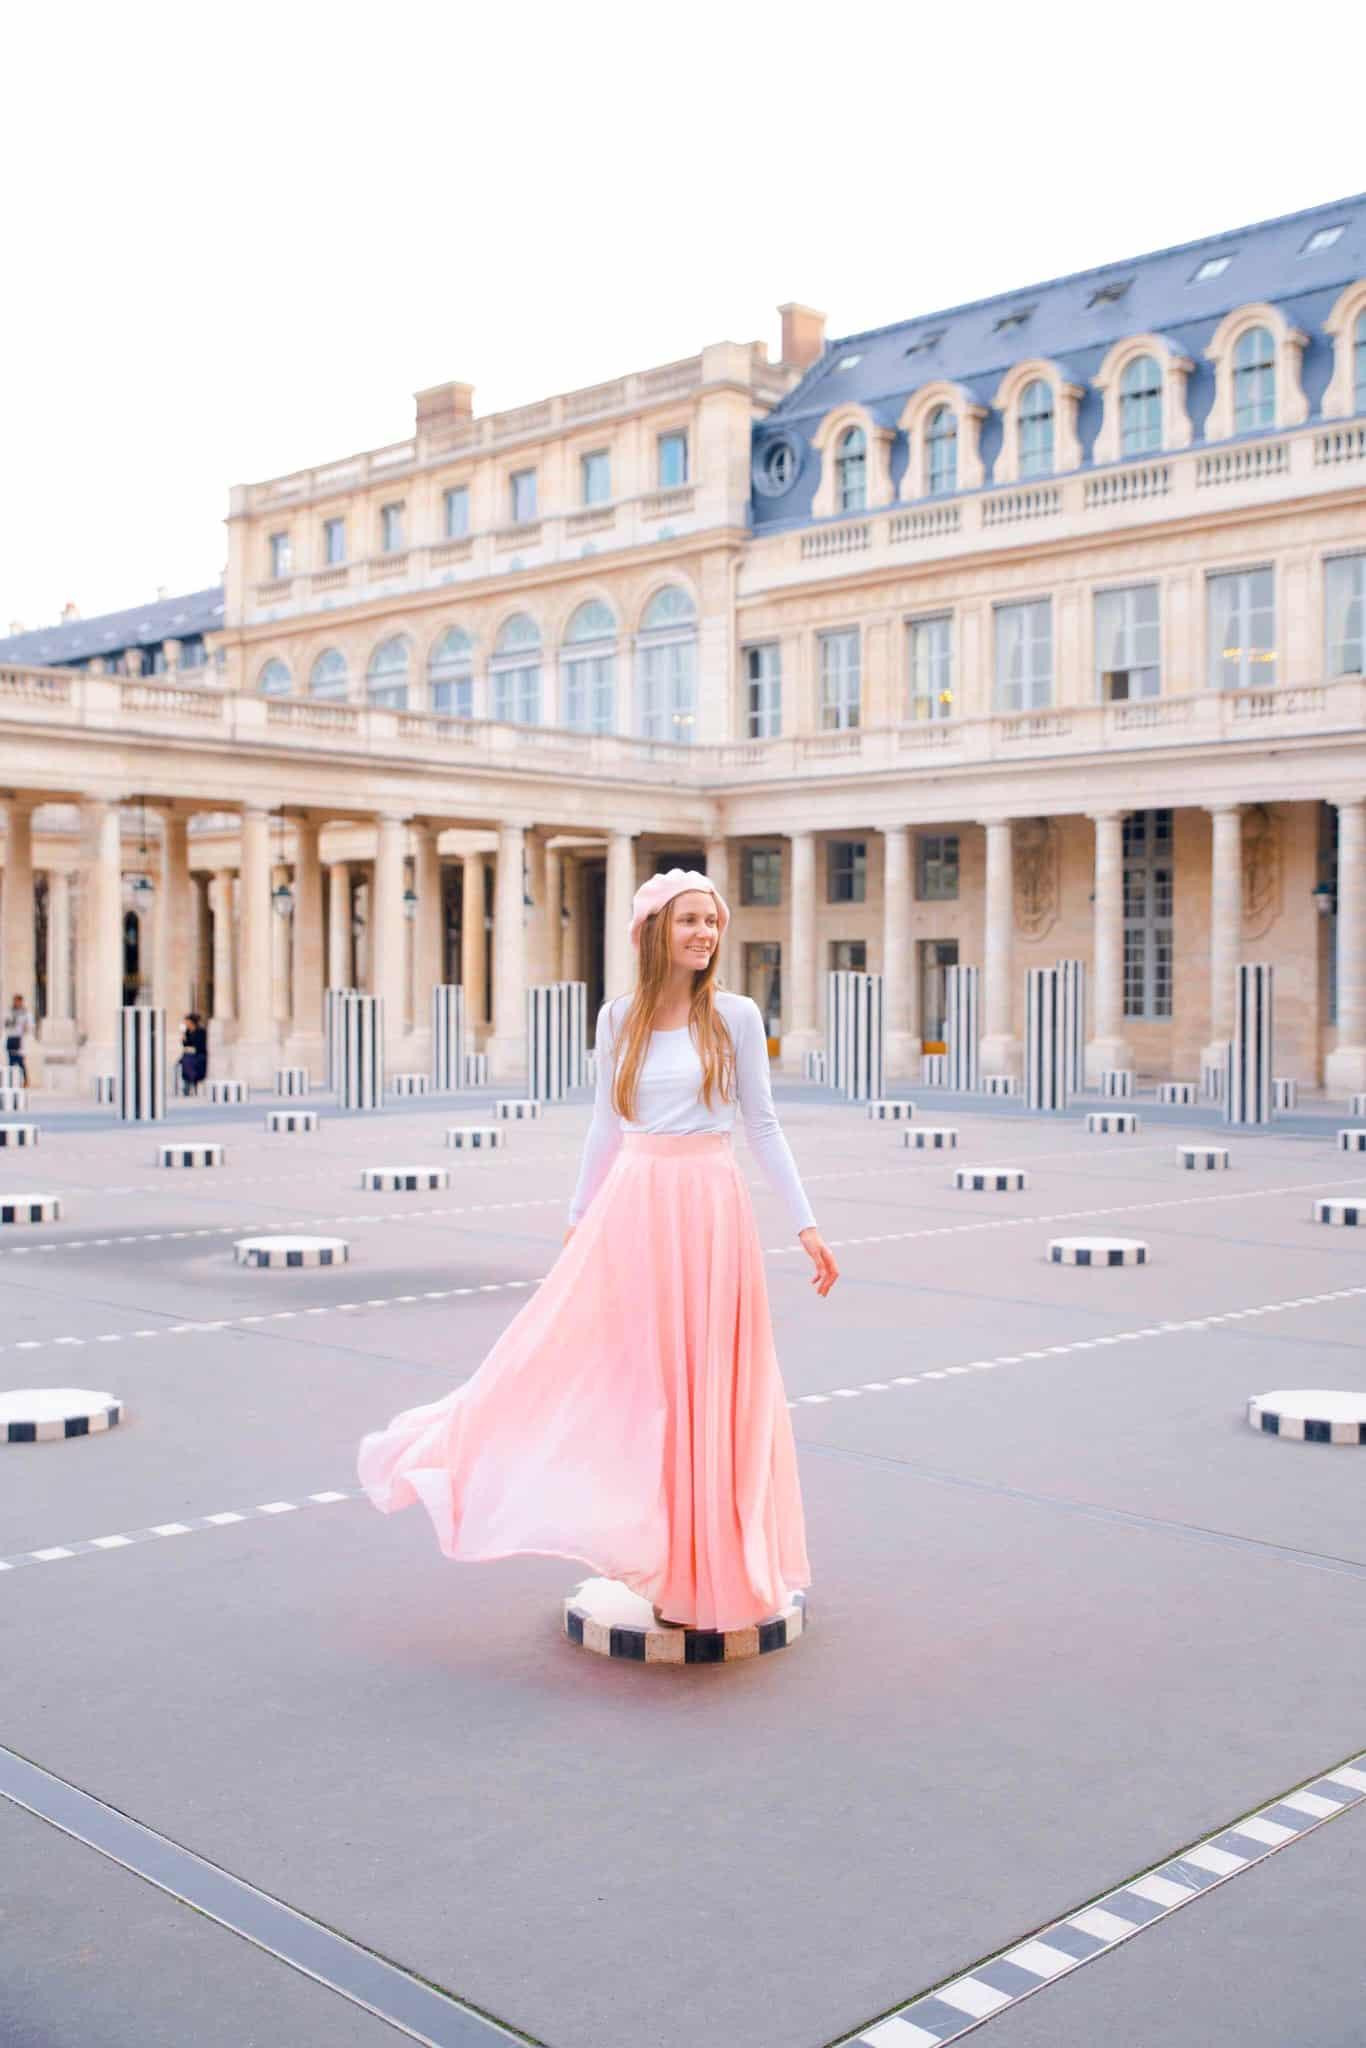 Colonnes de Buren is one of the most beautiful places in paris